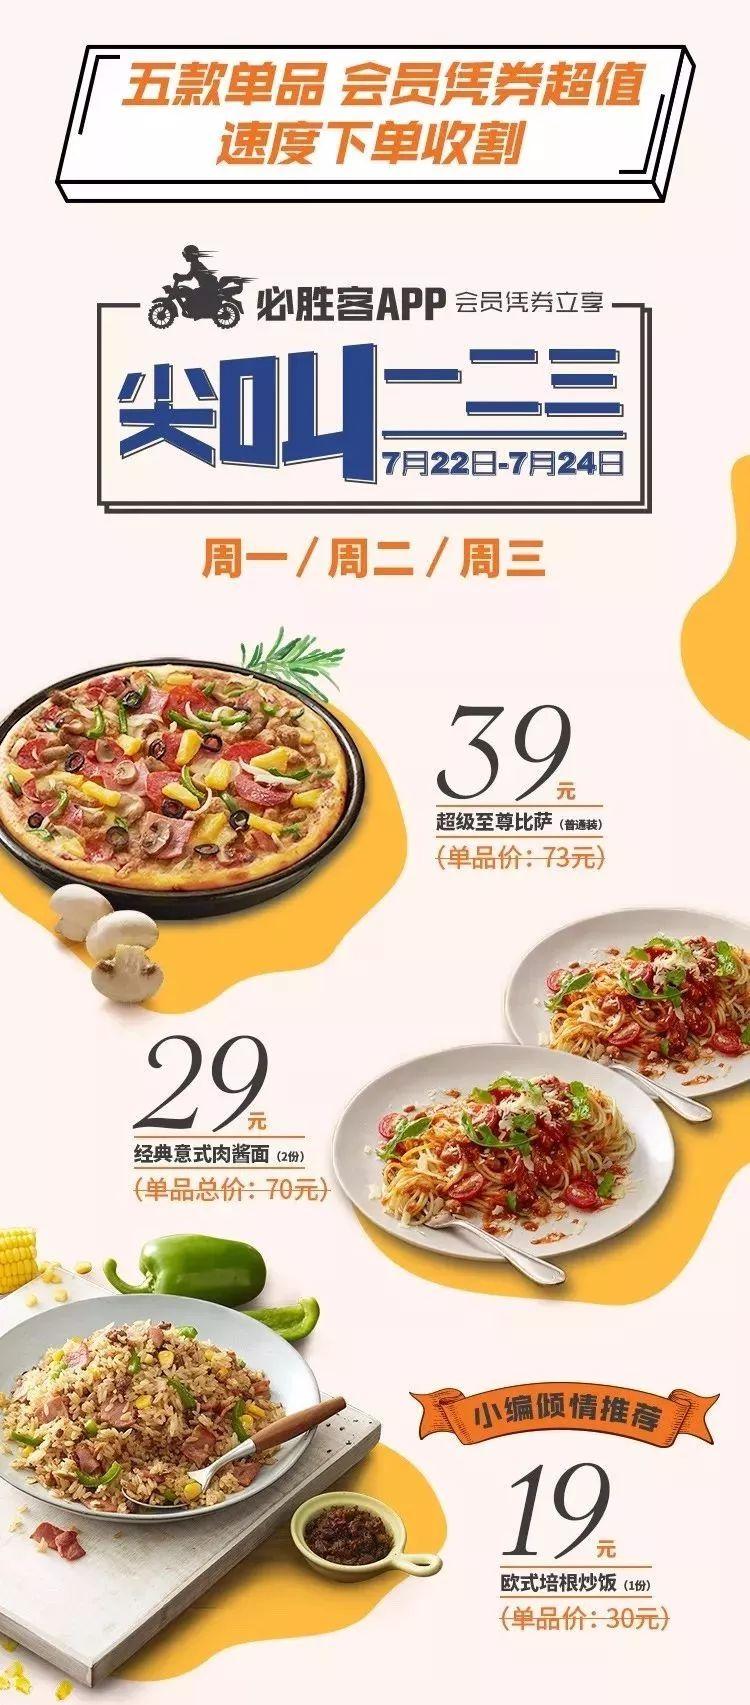 宅急送��`$�gh�ce_必胜客宅急送携手afn2019宁夏动漫节!